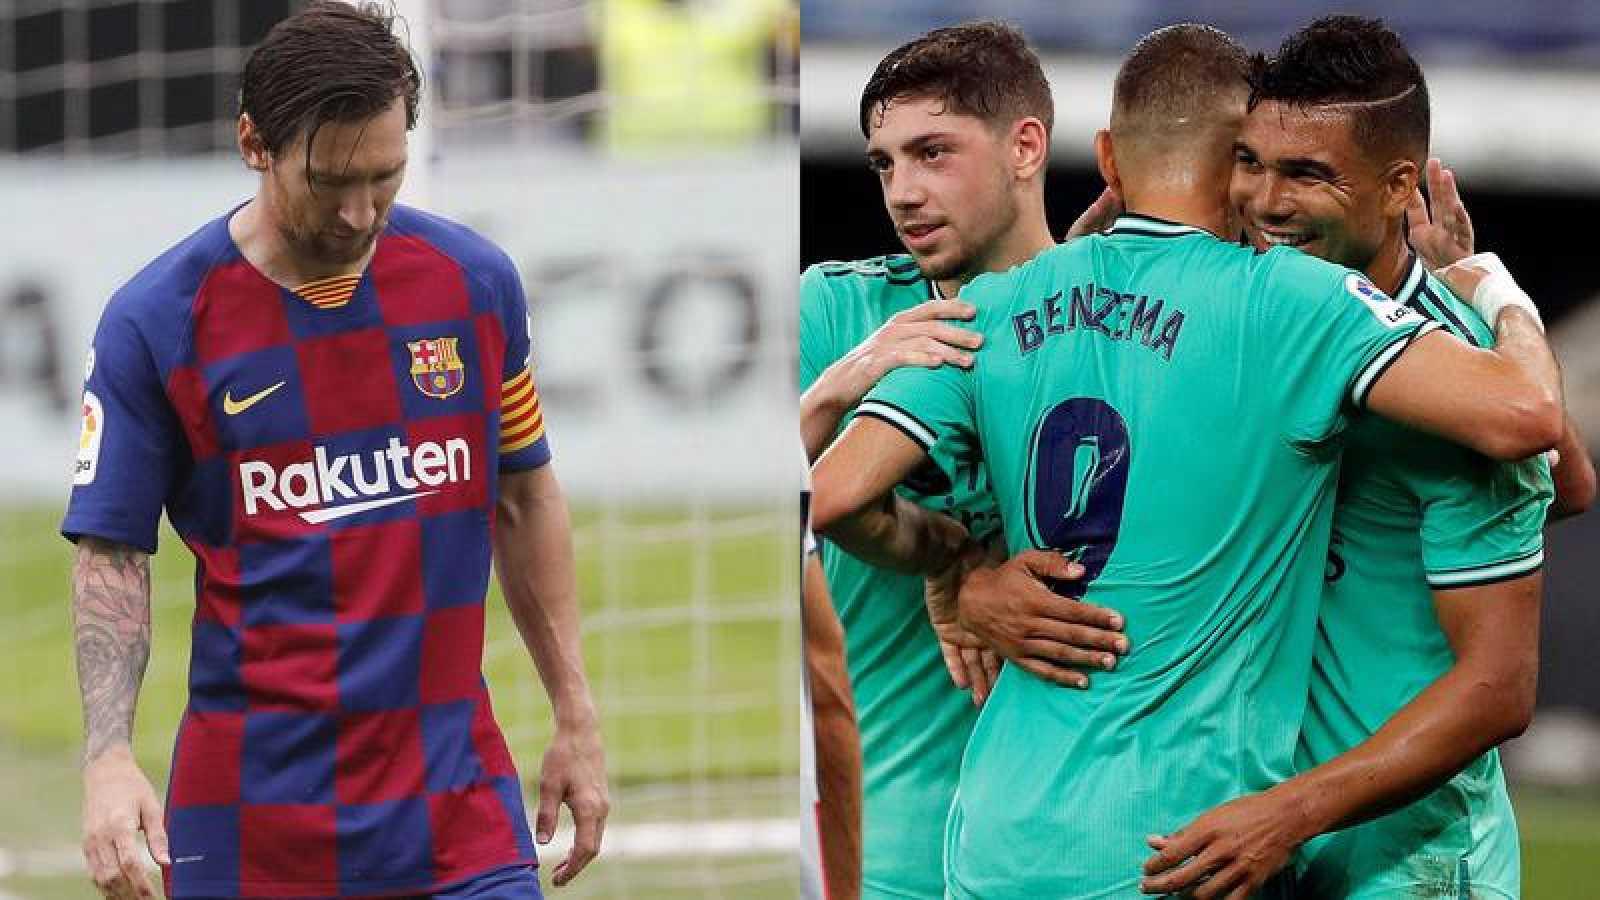 El Barça empató en Vigo y el Madrid ganó en su visita al Espanyol.